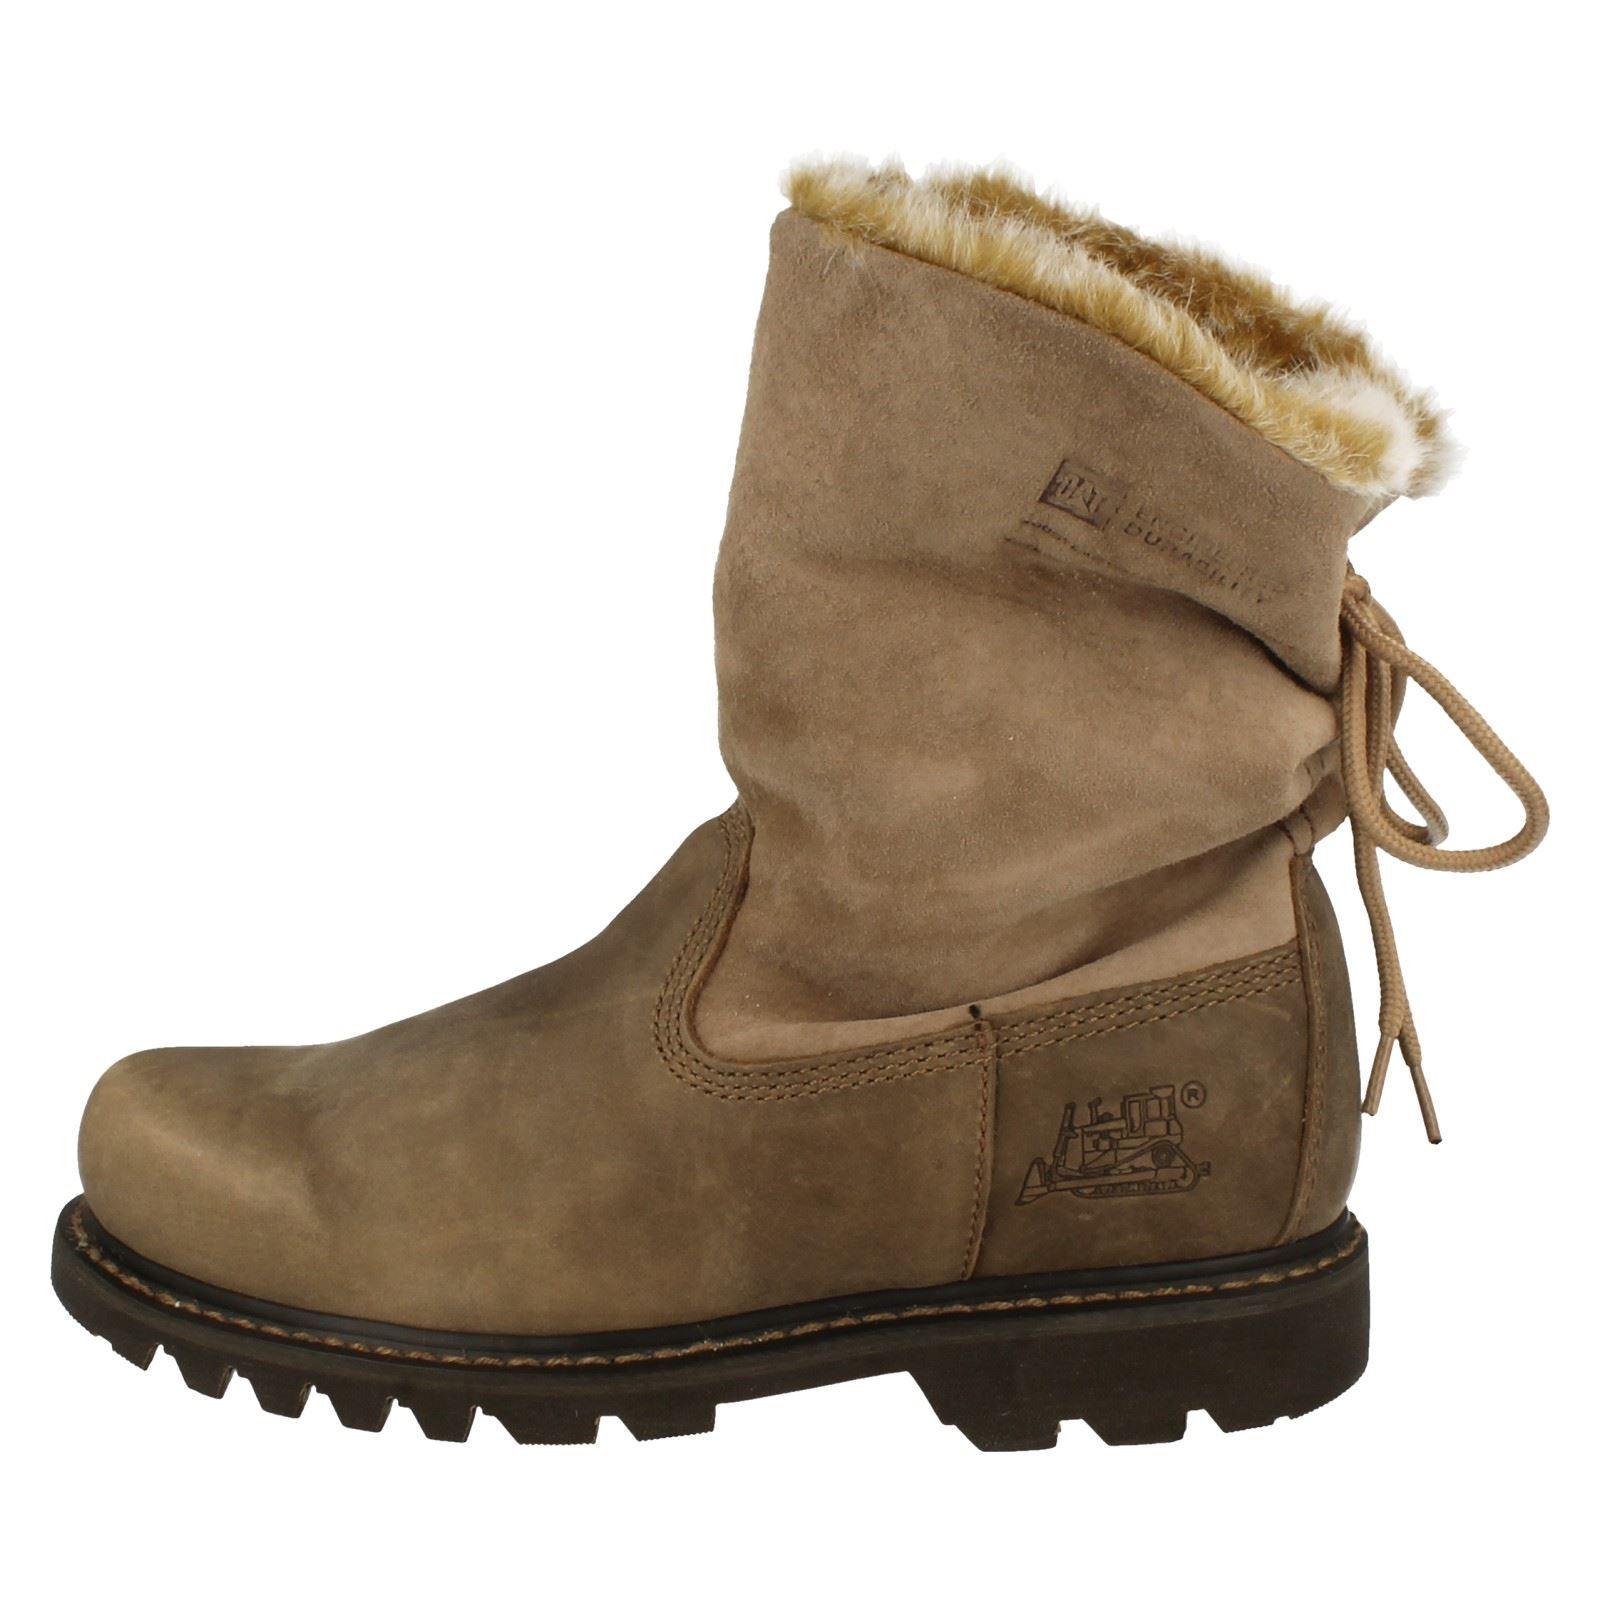 caterpillar ankle boots bruiser scrunch ebay